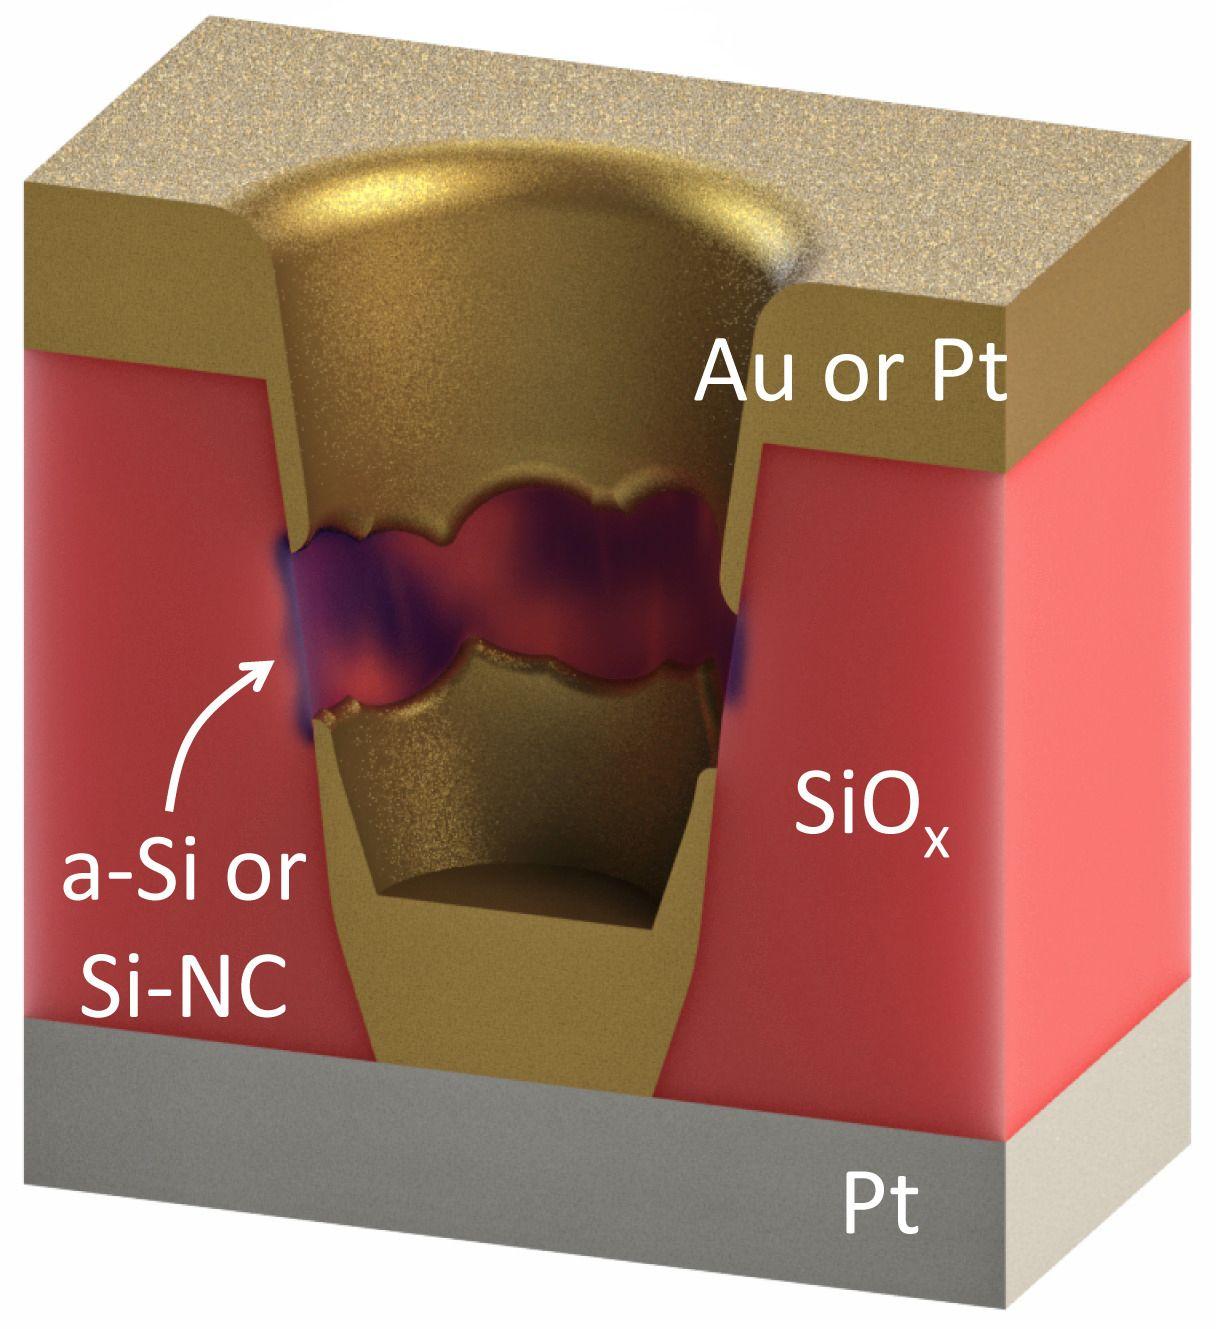 Rice Universitys RRAM bruker silisiumoksyd som et såkalt dielektrisk materiale. Ved å tilføre høy nok spenning, vil materialet kunne veksle mellom å lede eller ikke lede strøm. .Foto: Tour Group/Rice University